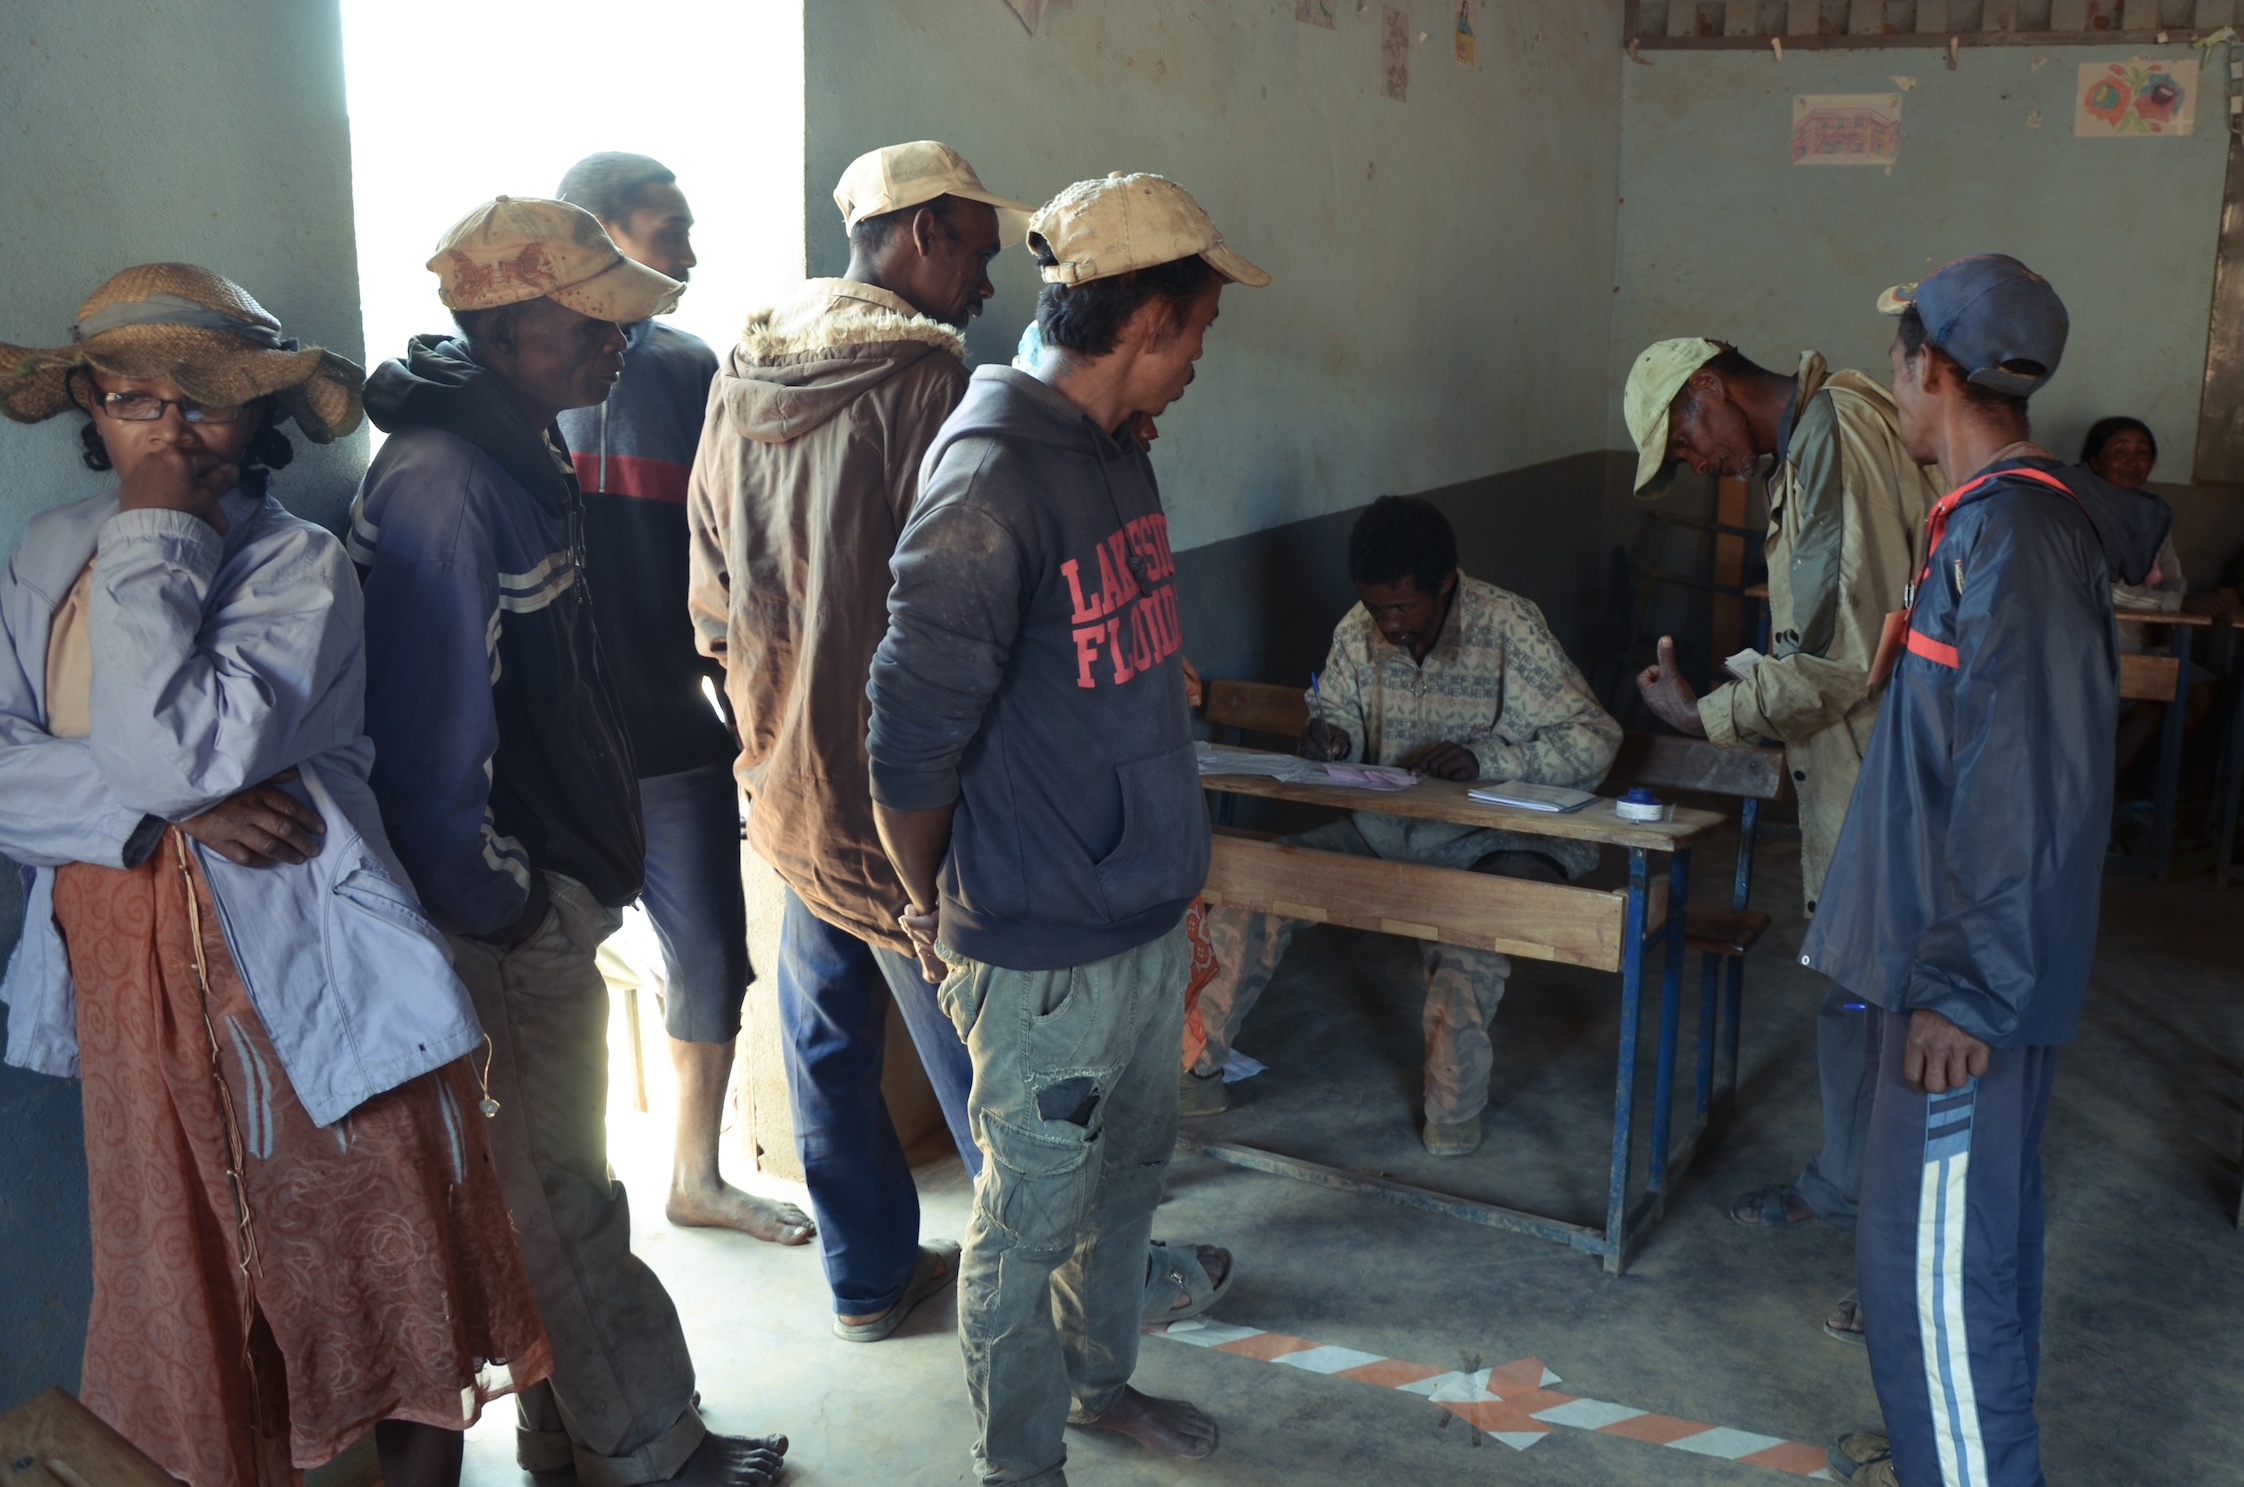 Village members line up to cast votes. Photo: Alizé Carrère